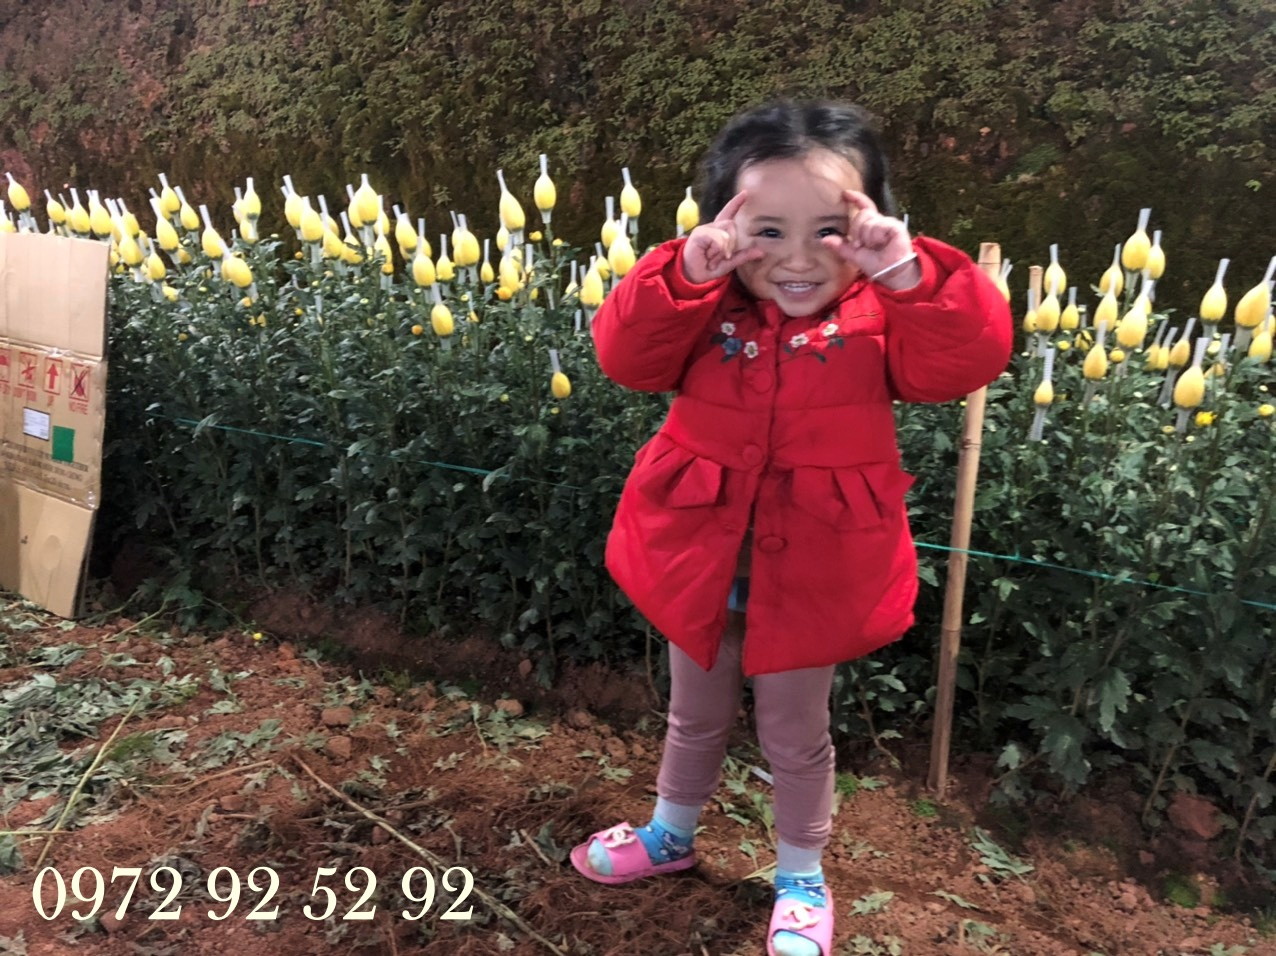 Kinh nghiệm bán hoa đà lạt tết 2020